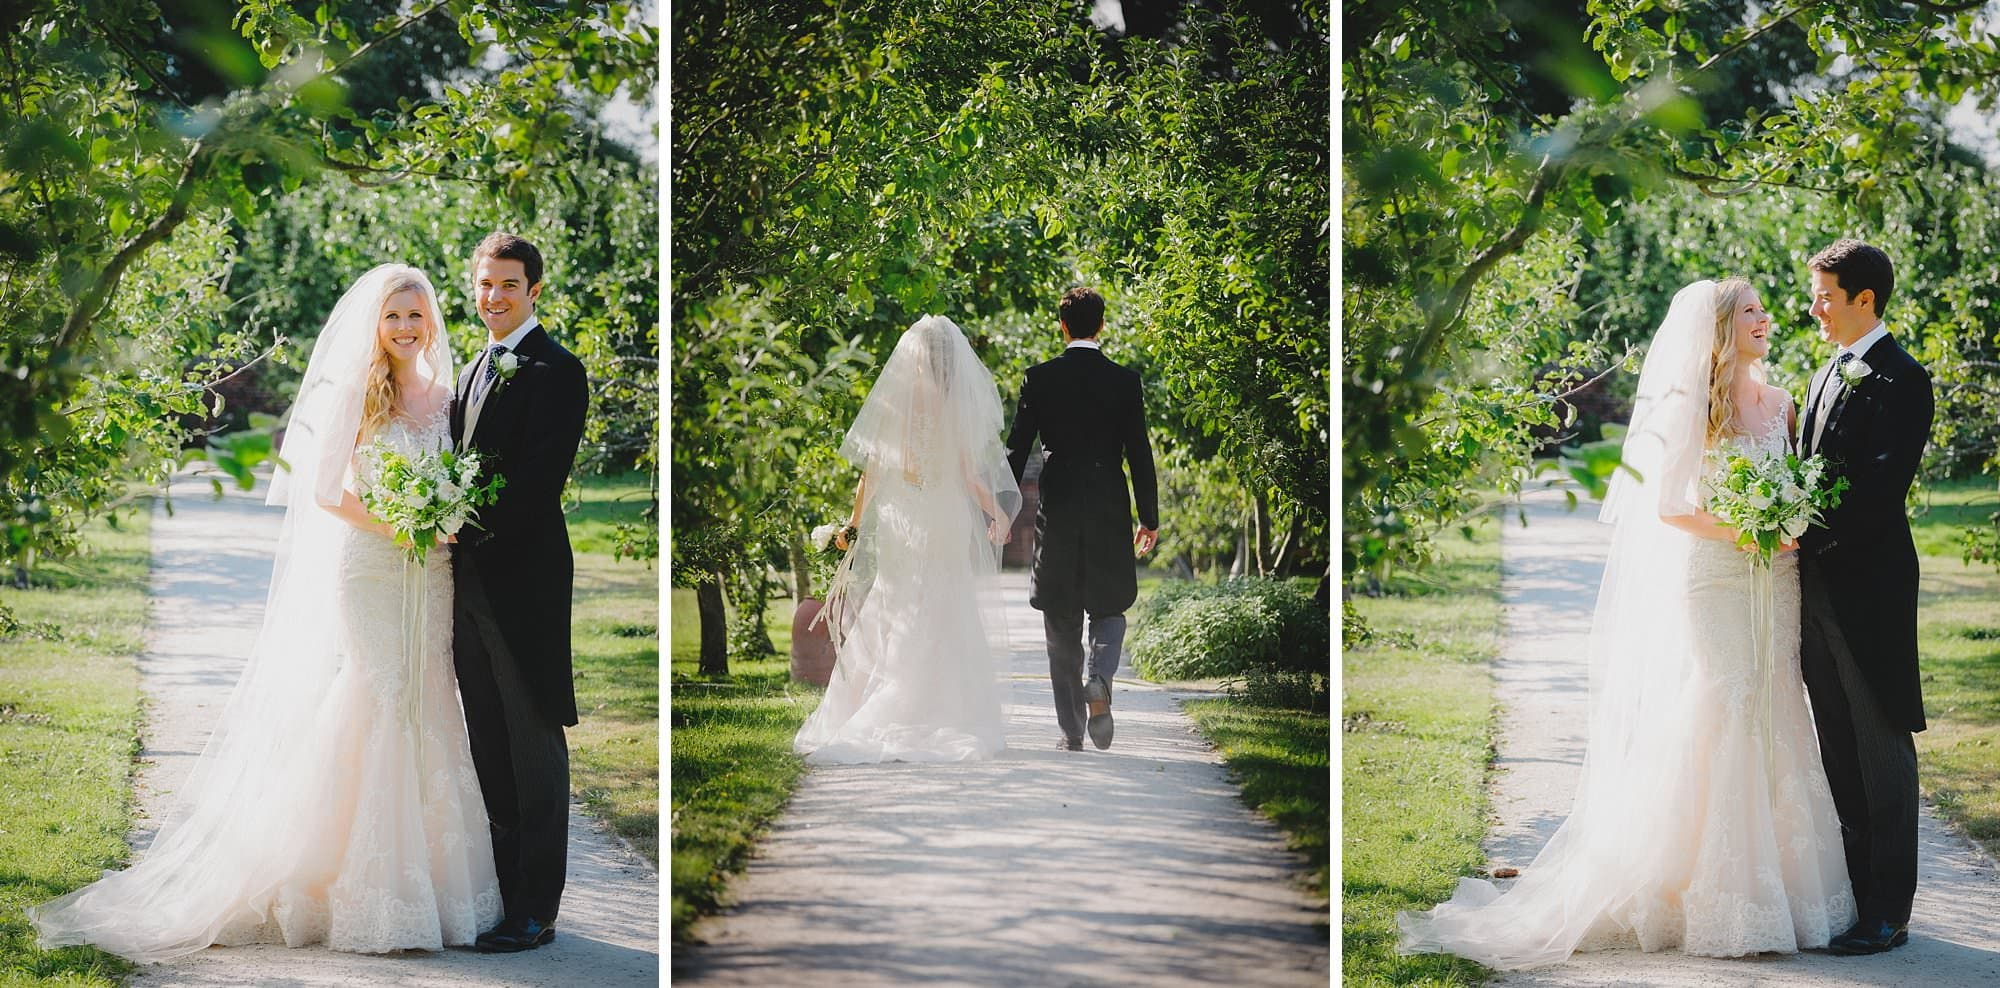 fulham palace wedding photographer 047 - Rosanna + Duncan | Fulham